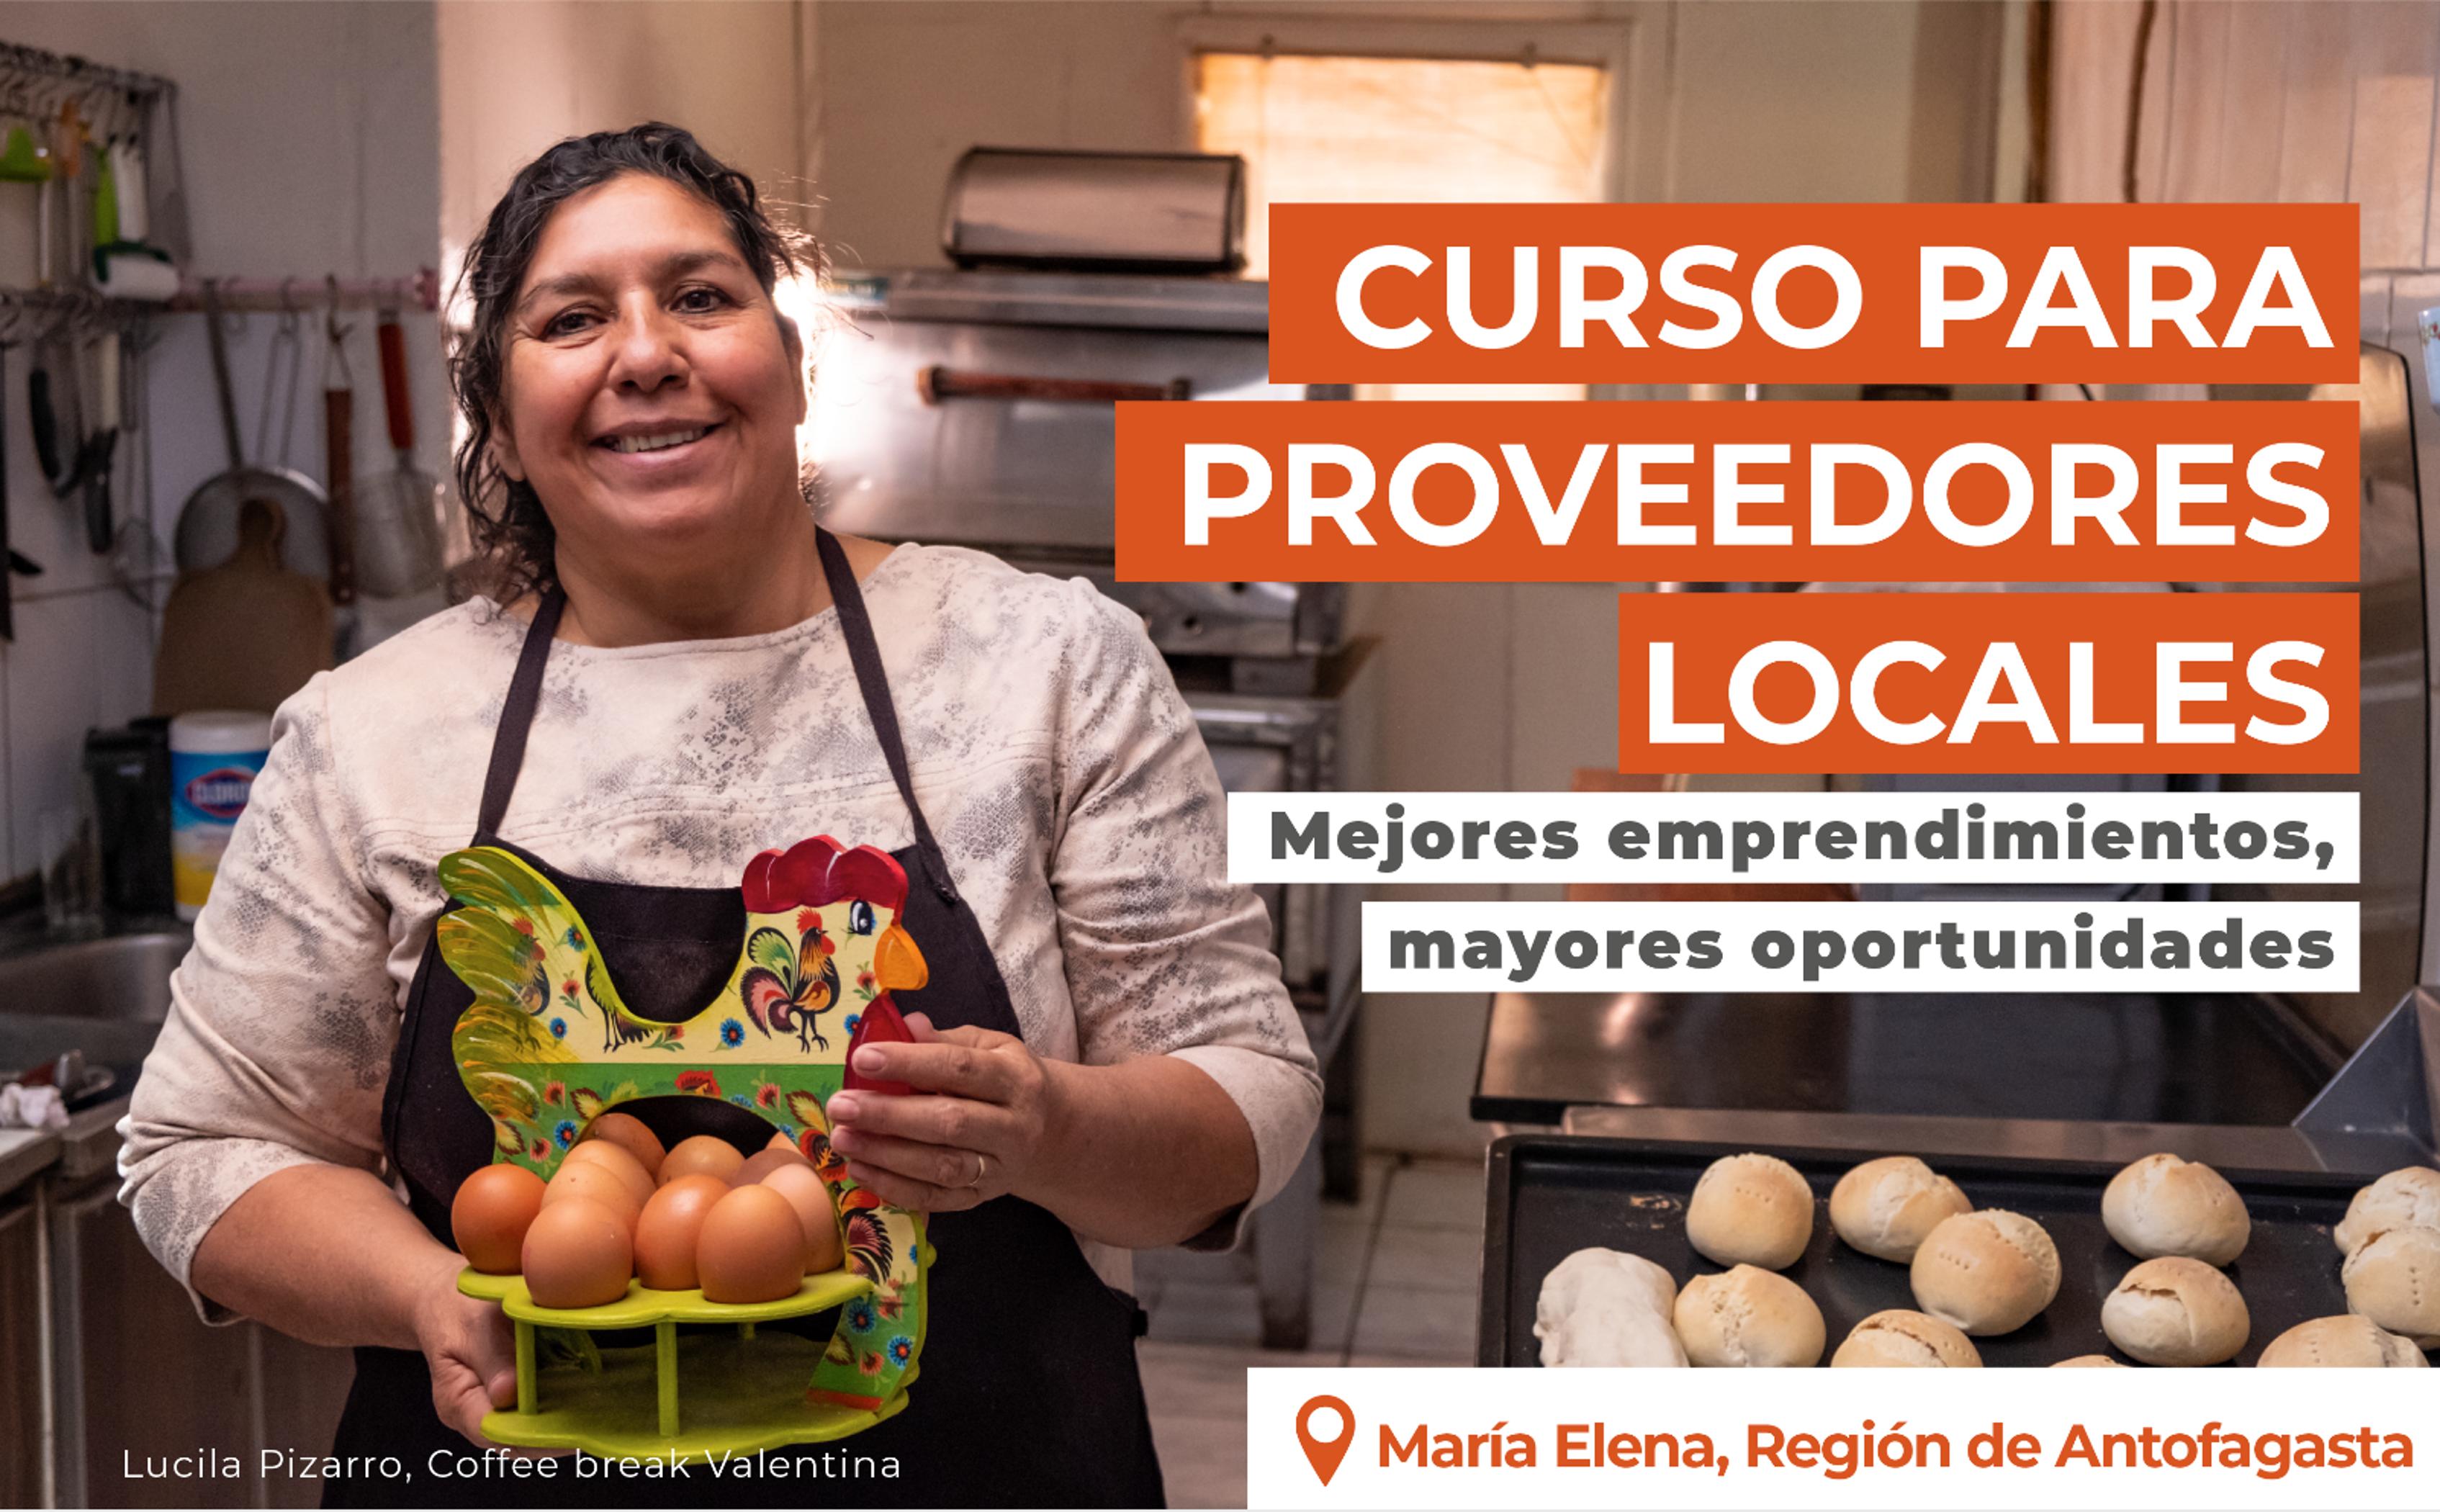 Curso para proveedores locales: Mejores emprendimientos, mayores oportunidades